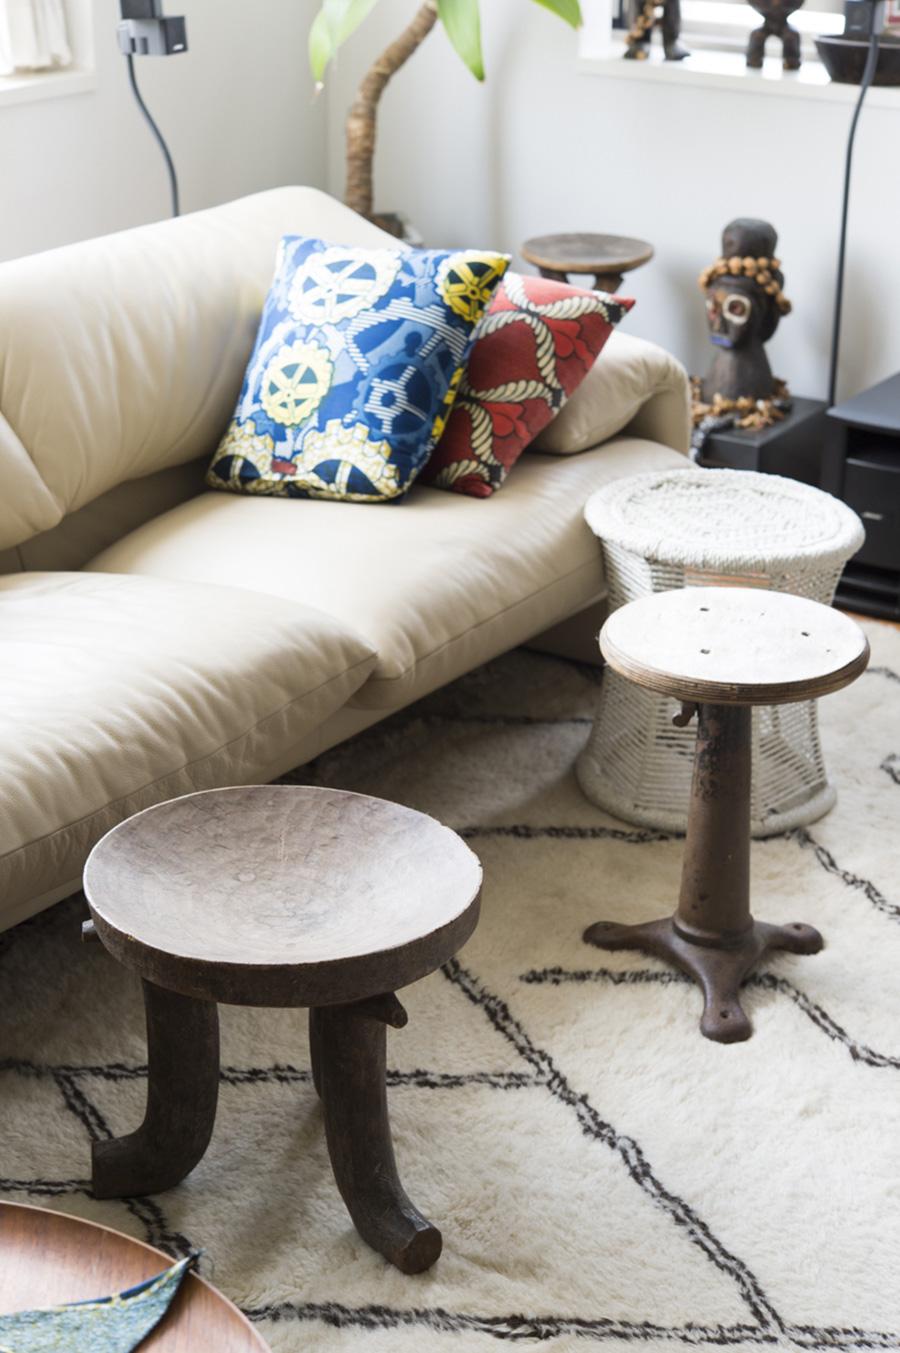 マラルンガのソファー前にあるのは、アフリカ、インド、イギリスと出処バラバラの木掘りの椅子。